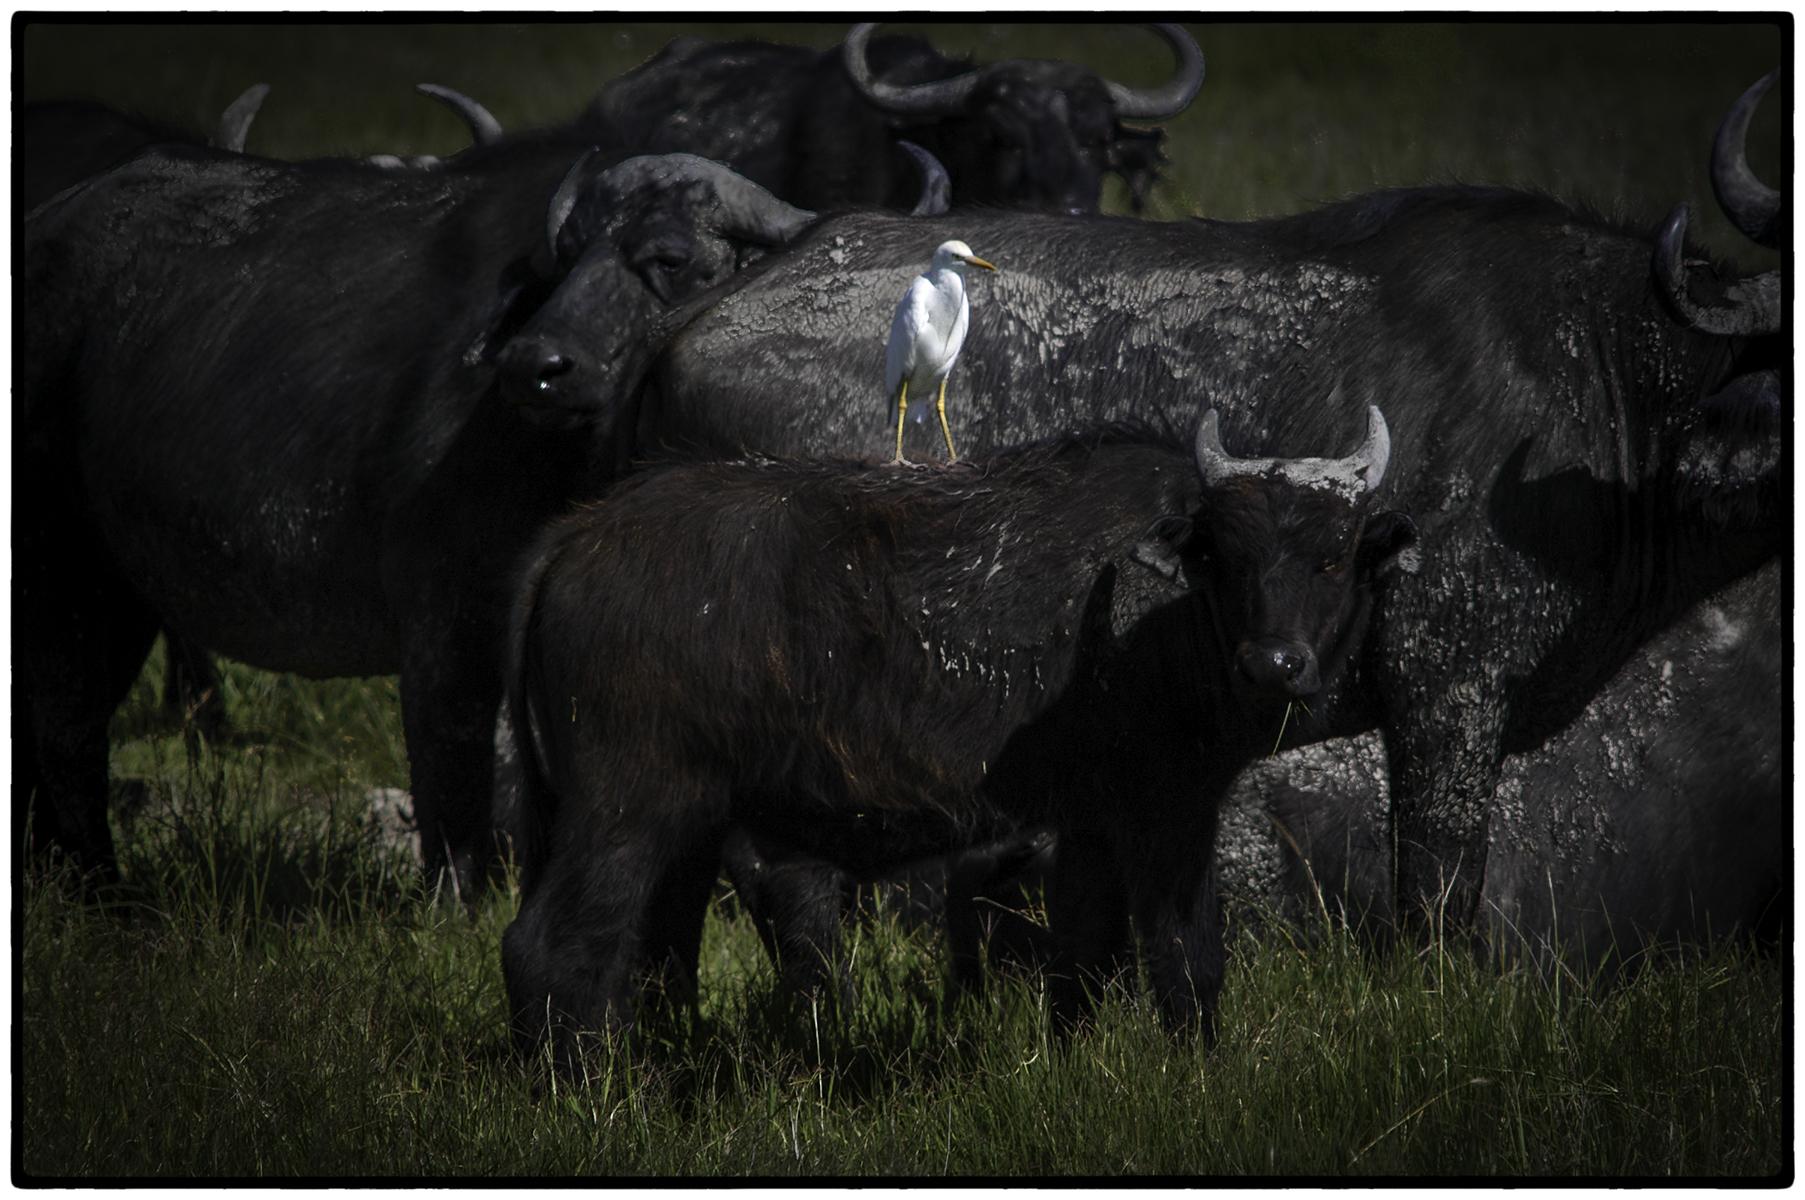 Water Buffalo and Friend, Tanzania